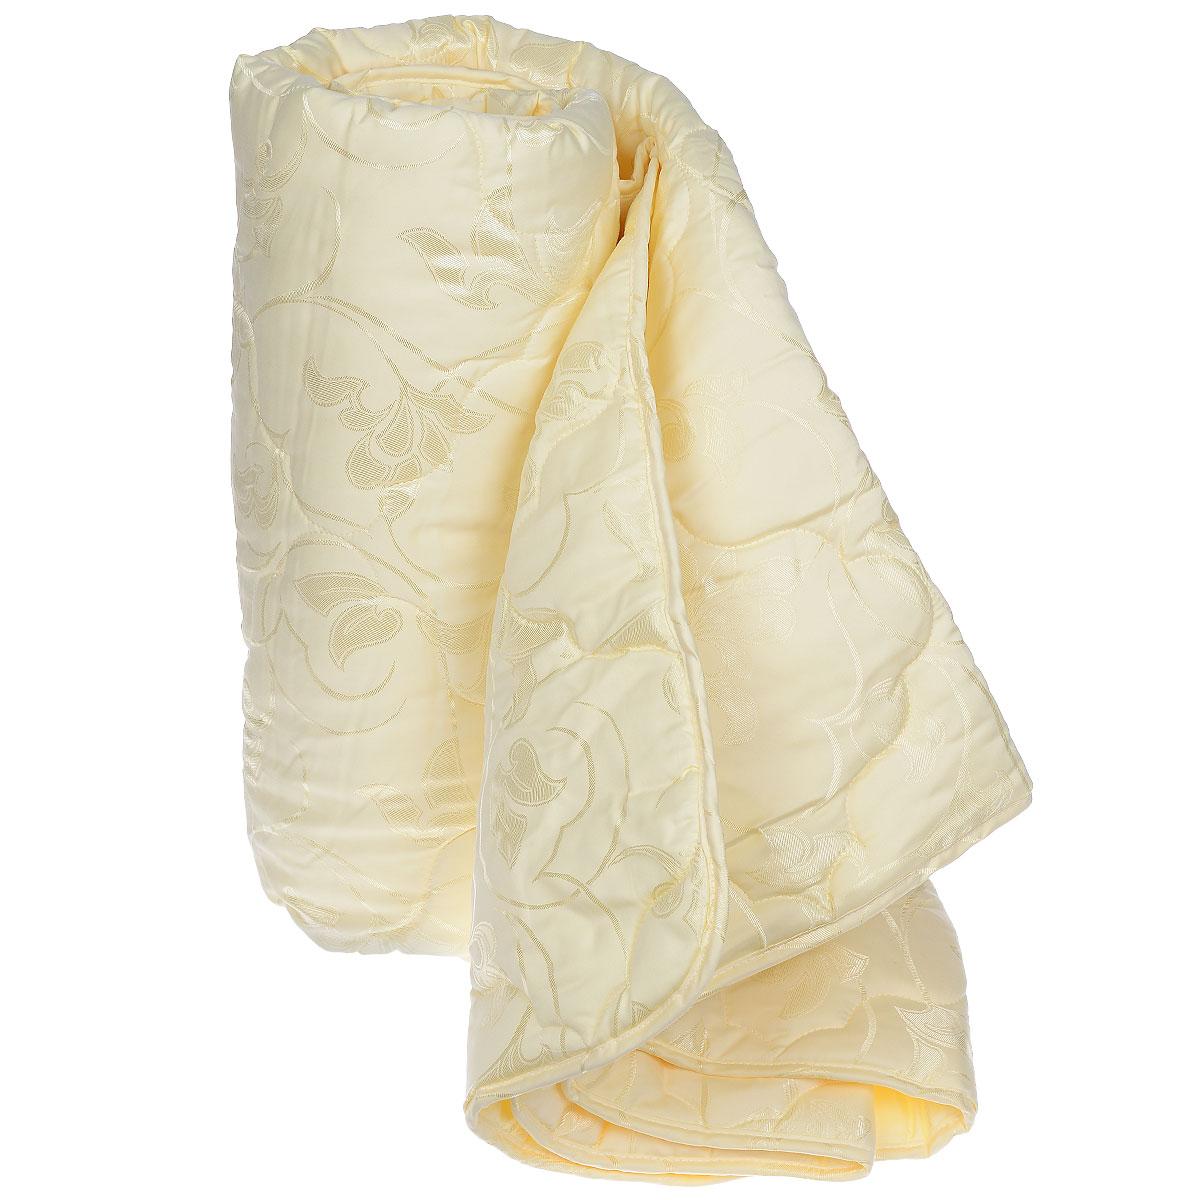 Одеяло Sova & Javoronok, наполнитель: шелковое волокно, цвет: бежевый, 172 х 205 см5030116083Чехол одеяла Sova & Javoronok выполнен из благородного сатина. Наполнитель - натуральное шелковое волокно.Особенности наполнителя: - обладает высокими сорбционными свойствами, создавая эффект сухого тепла; - регулирует температурный режим; - не вызывает аллергических реакций. Шелк всегда считался одним из самых элитных и роскошных материалов. Очень нежный, легкий, шелк отлично приспосабливается к температуре тела и окружающей среды. Летом с подушкой из шелка вы чувствуете прохладу, зимой - приятное тепло. В натуральном шелке не заводится и не живет пылевой клещ, также шелк обладает бактериостатическими свойствами (в нем не размножаются патогенные бактерии), в нем не живут и не размножаются грибки и сапрофиты. Натуральный шелк гипоаллергенен и рекомендован людям с аллергическими реакциями. При впитывании шелком влаги до 30% от собственного веса он остается сухим на ощупь. Натуральный шелк не электризуется. Одеяло Sova & Javoronok упакована в тканно-пластиковый чехол на змейке с ручками, что является чрезвычайно удобным при переноске.Рекомендации по уходу:- Стирка запрещена,- Нельзя отбеливать. При стирке не использовать средства, содержащие отбеливатели (хлор),- Не гладить. Не применять обработку паром,- Химчистка с использованием углеводорода, хлорного этилена,- Нельзя выжимать и сушить в стиральной машине. Размер одеяла: 172 см х 205 см.Материал чехла: сатин (100% хлопок). Наполнитель: 20% шелк, 80% полиэфирное волокно.